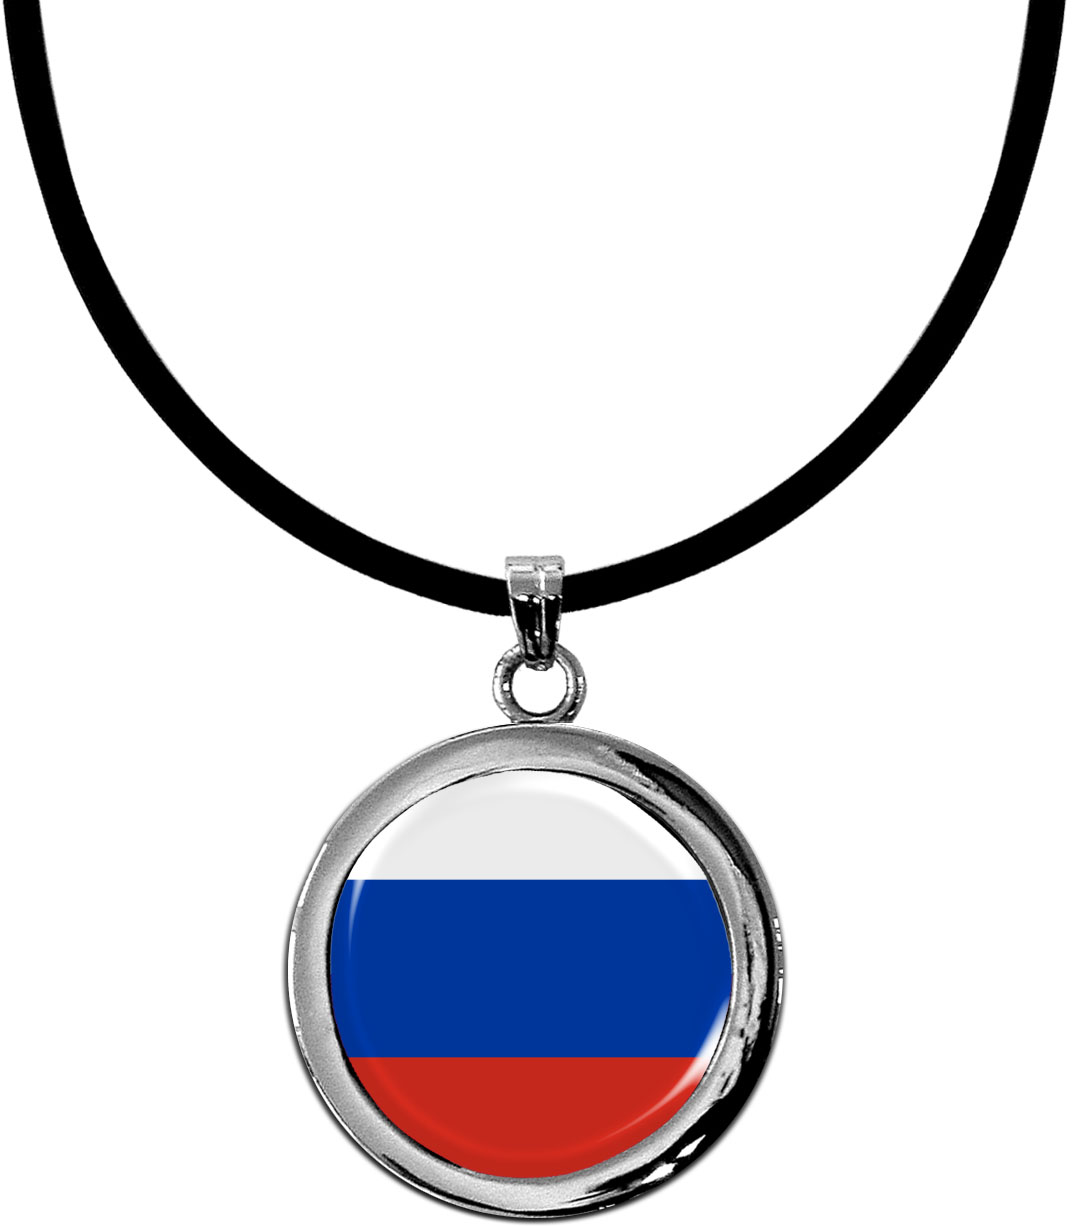 Kettenanhänger / Russland / Silikonband mit Silberverschluss